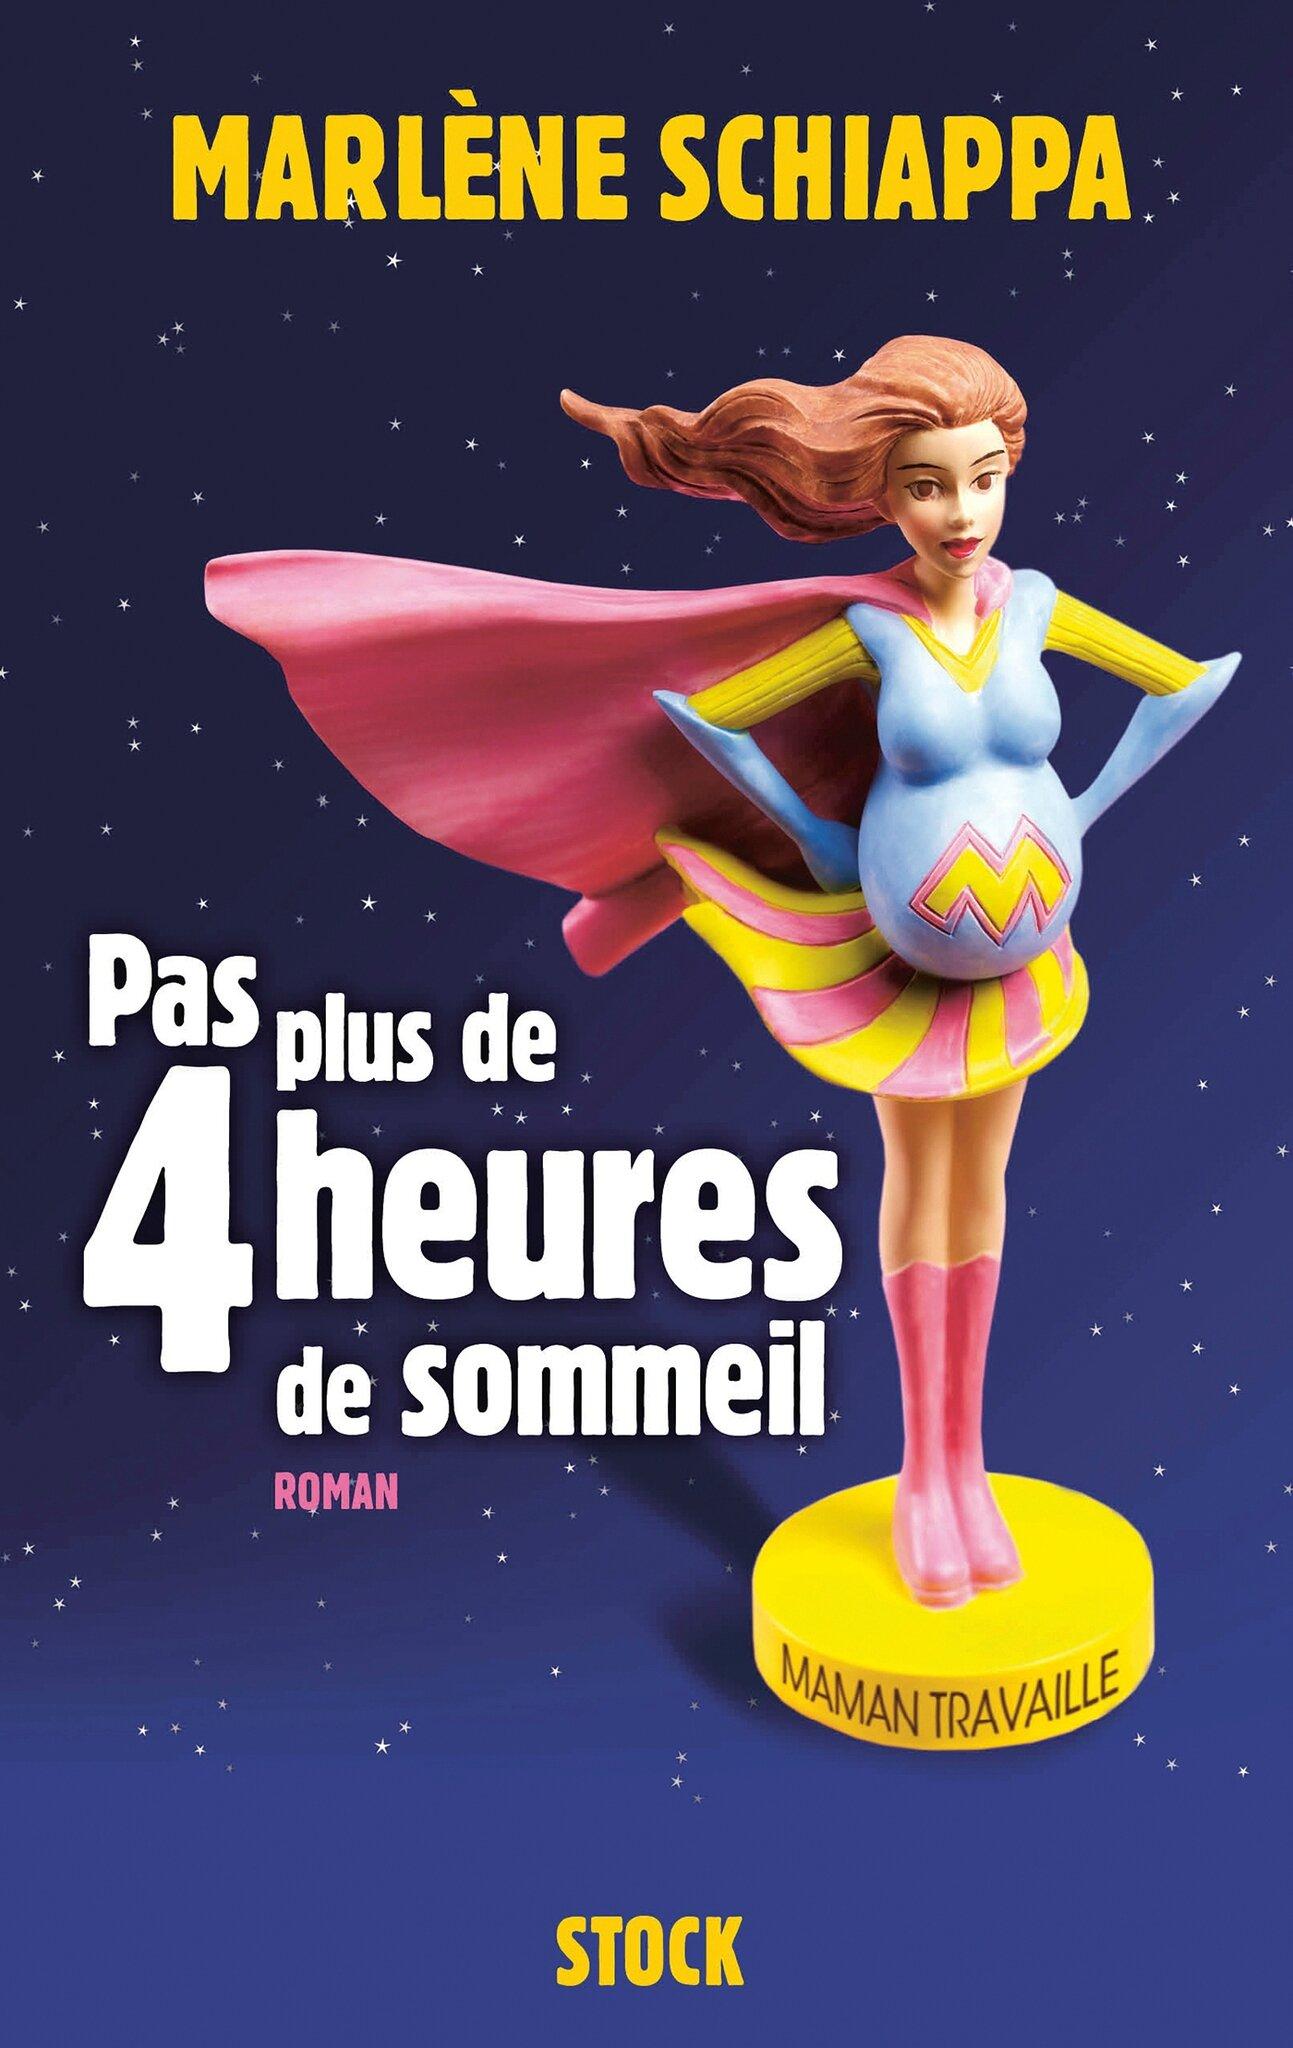 PAS PLUS DE 4 HEURES DE SOMMEIL - Marlène SCHIAPPA